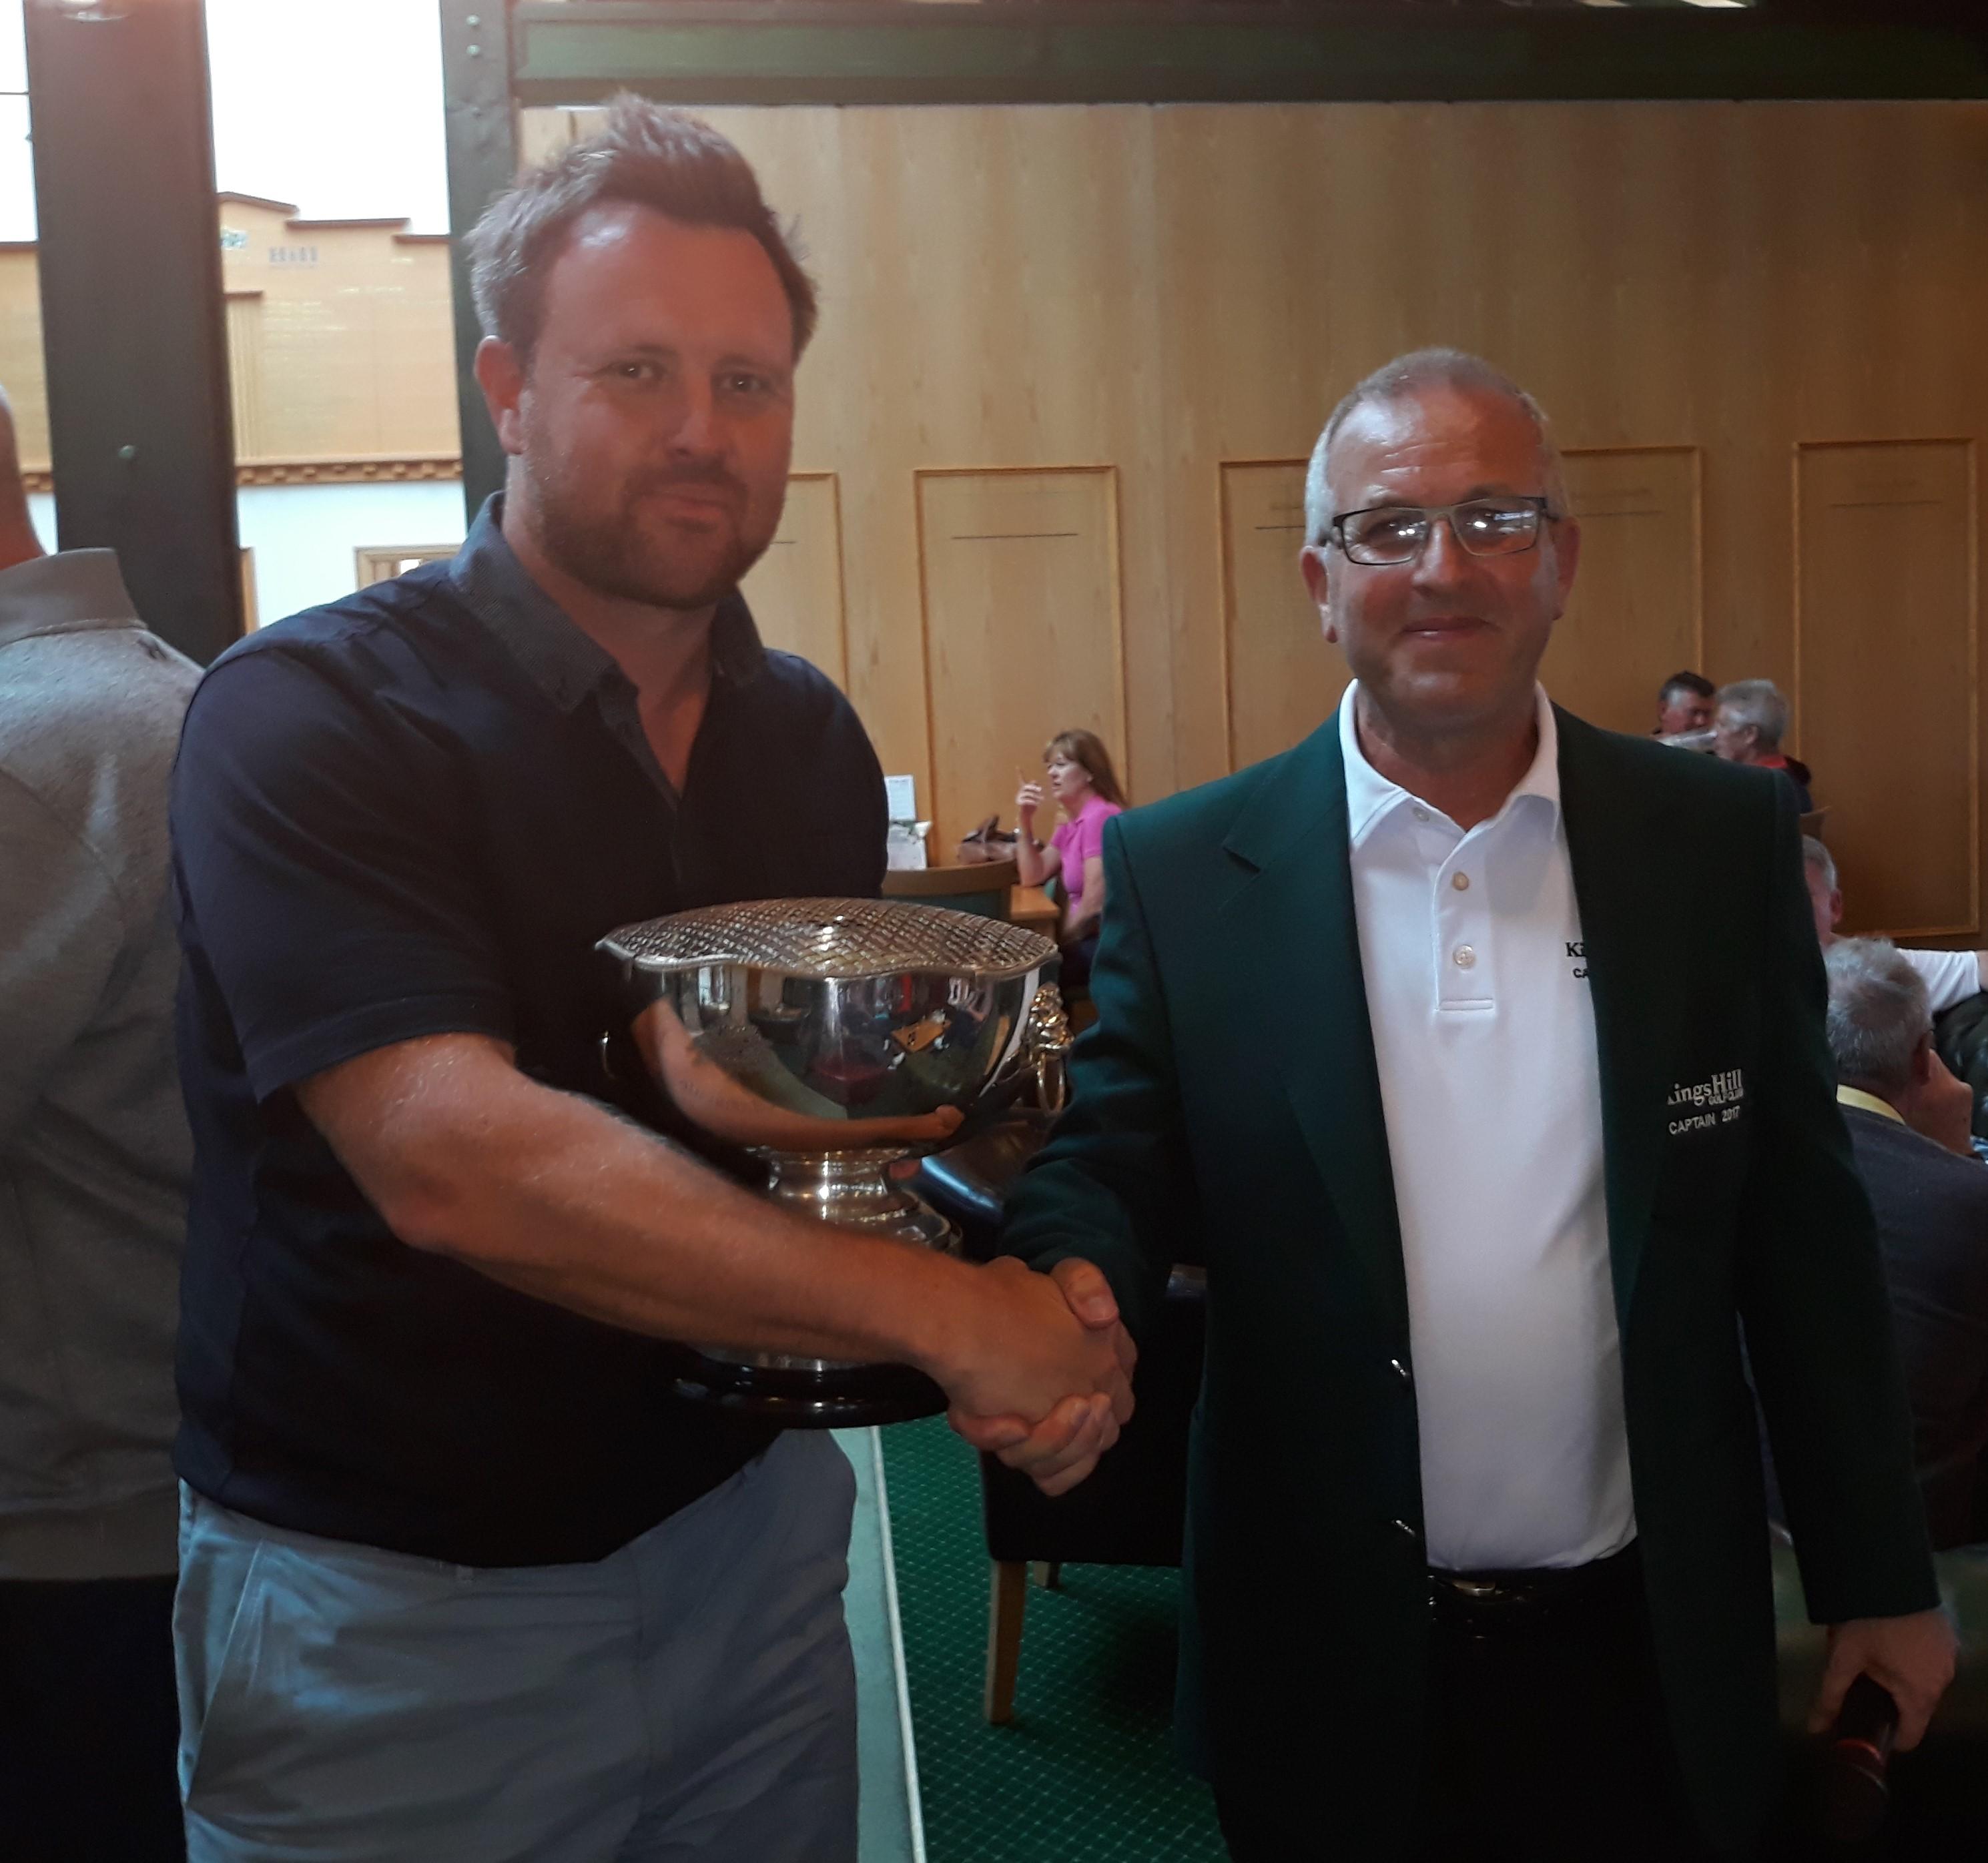 2017 Andersen winner Darren Gowler